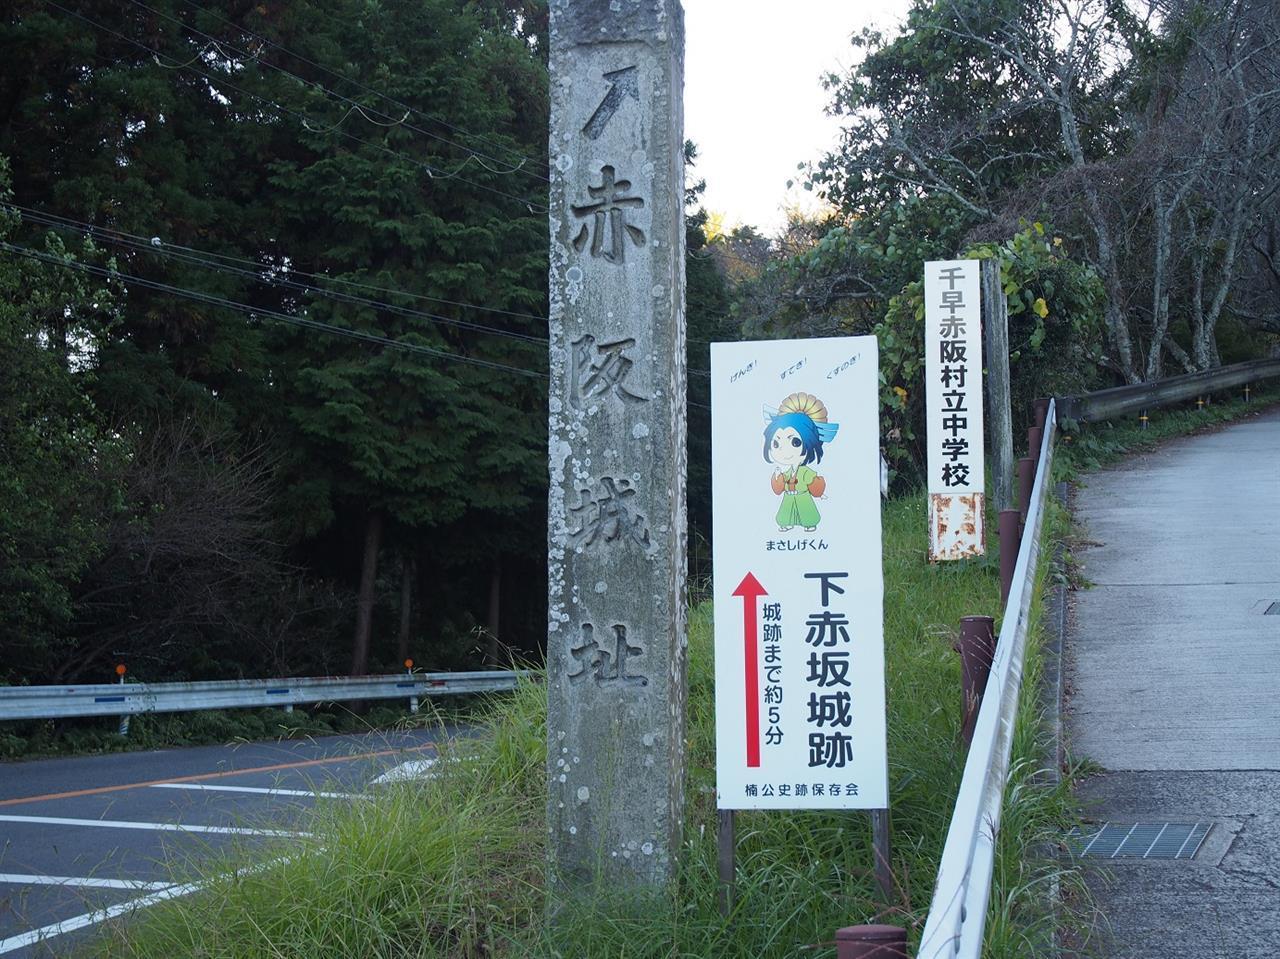 下赤坂城跡と下赤坂の棚田( 大阪府南河内郡千早赤阪村)